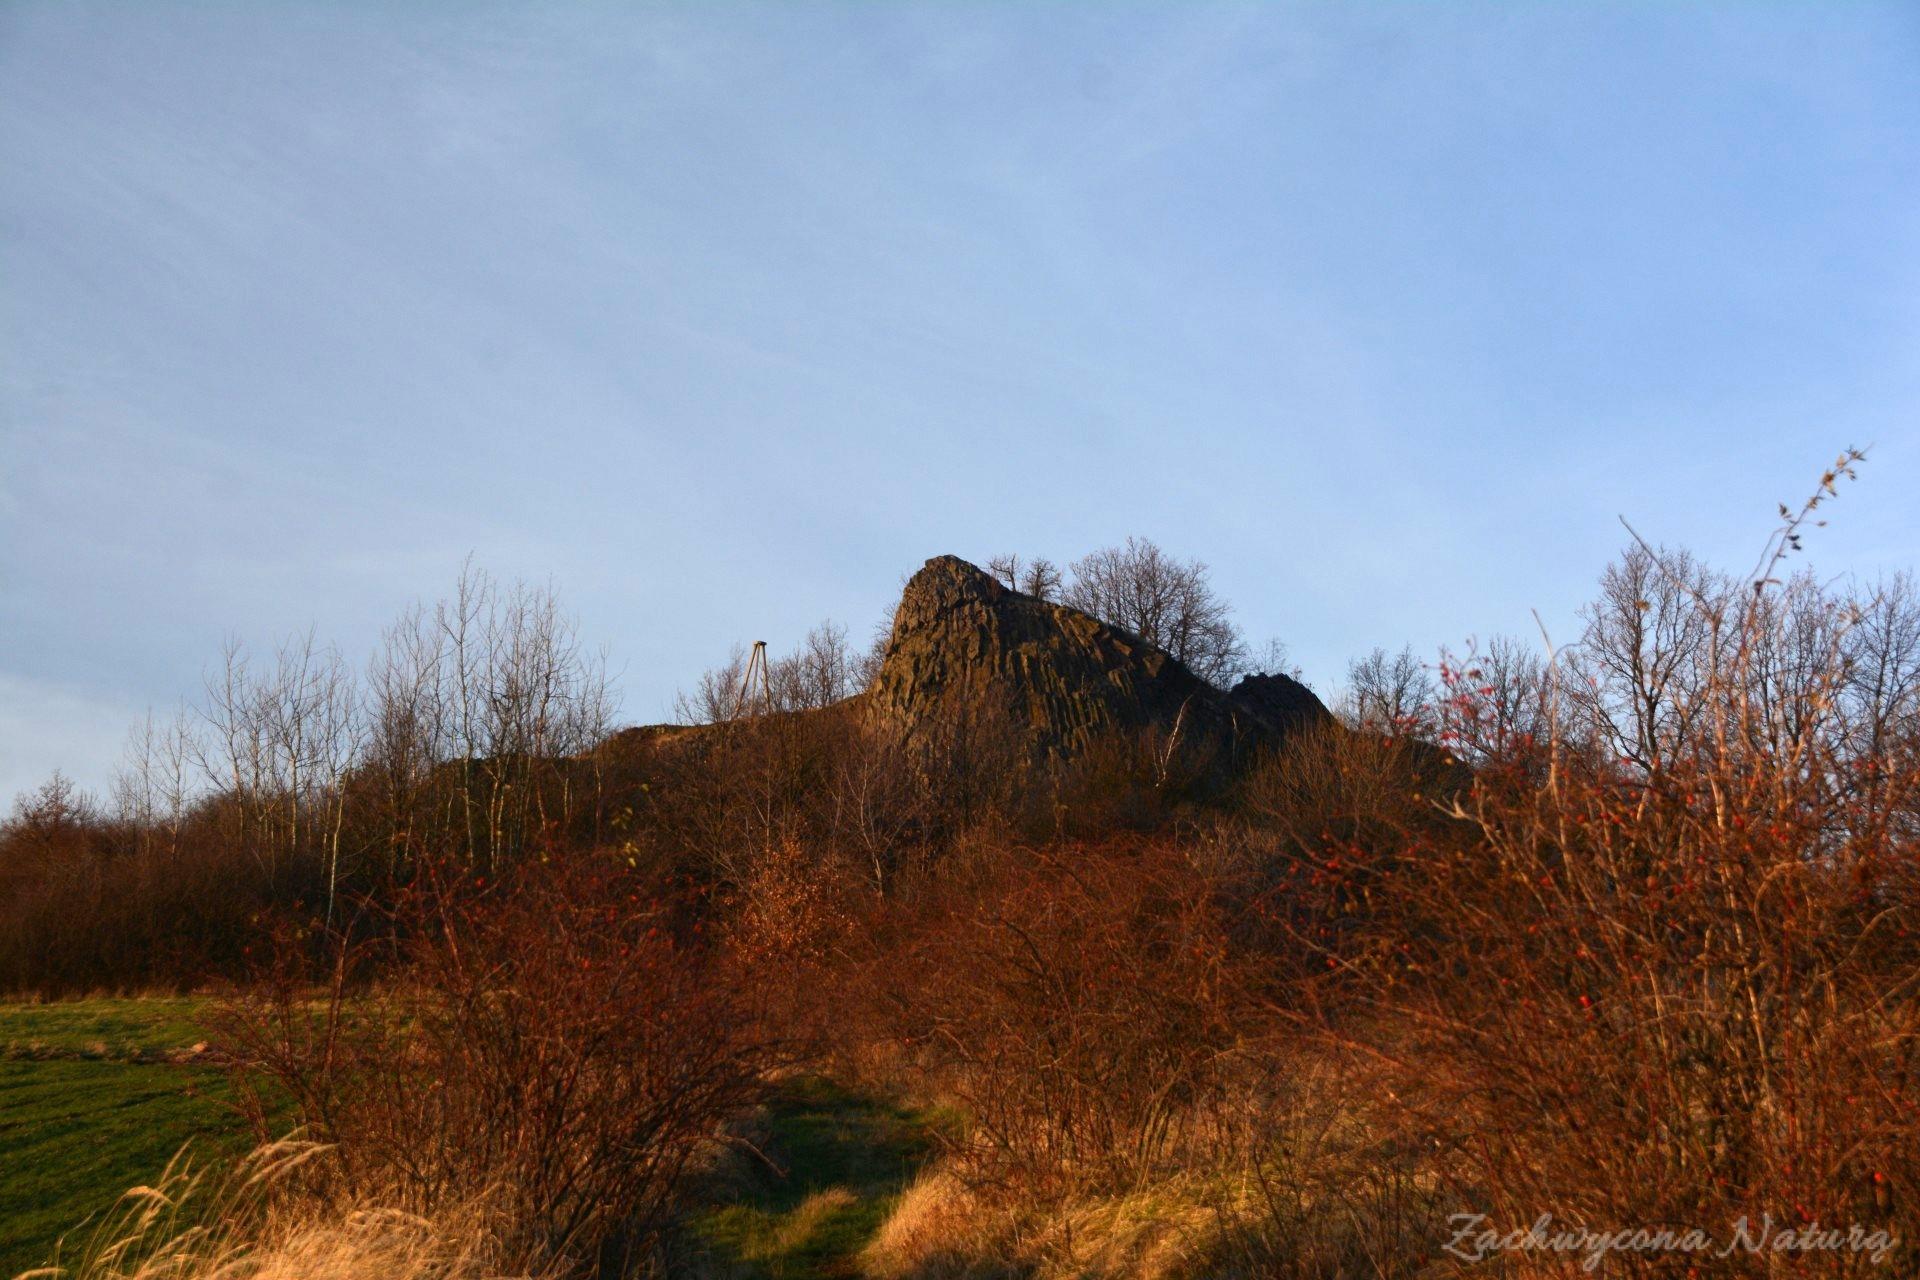 szlakiem-wygaslych-wulkanow-czartowska-skala-3